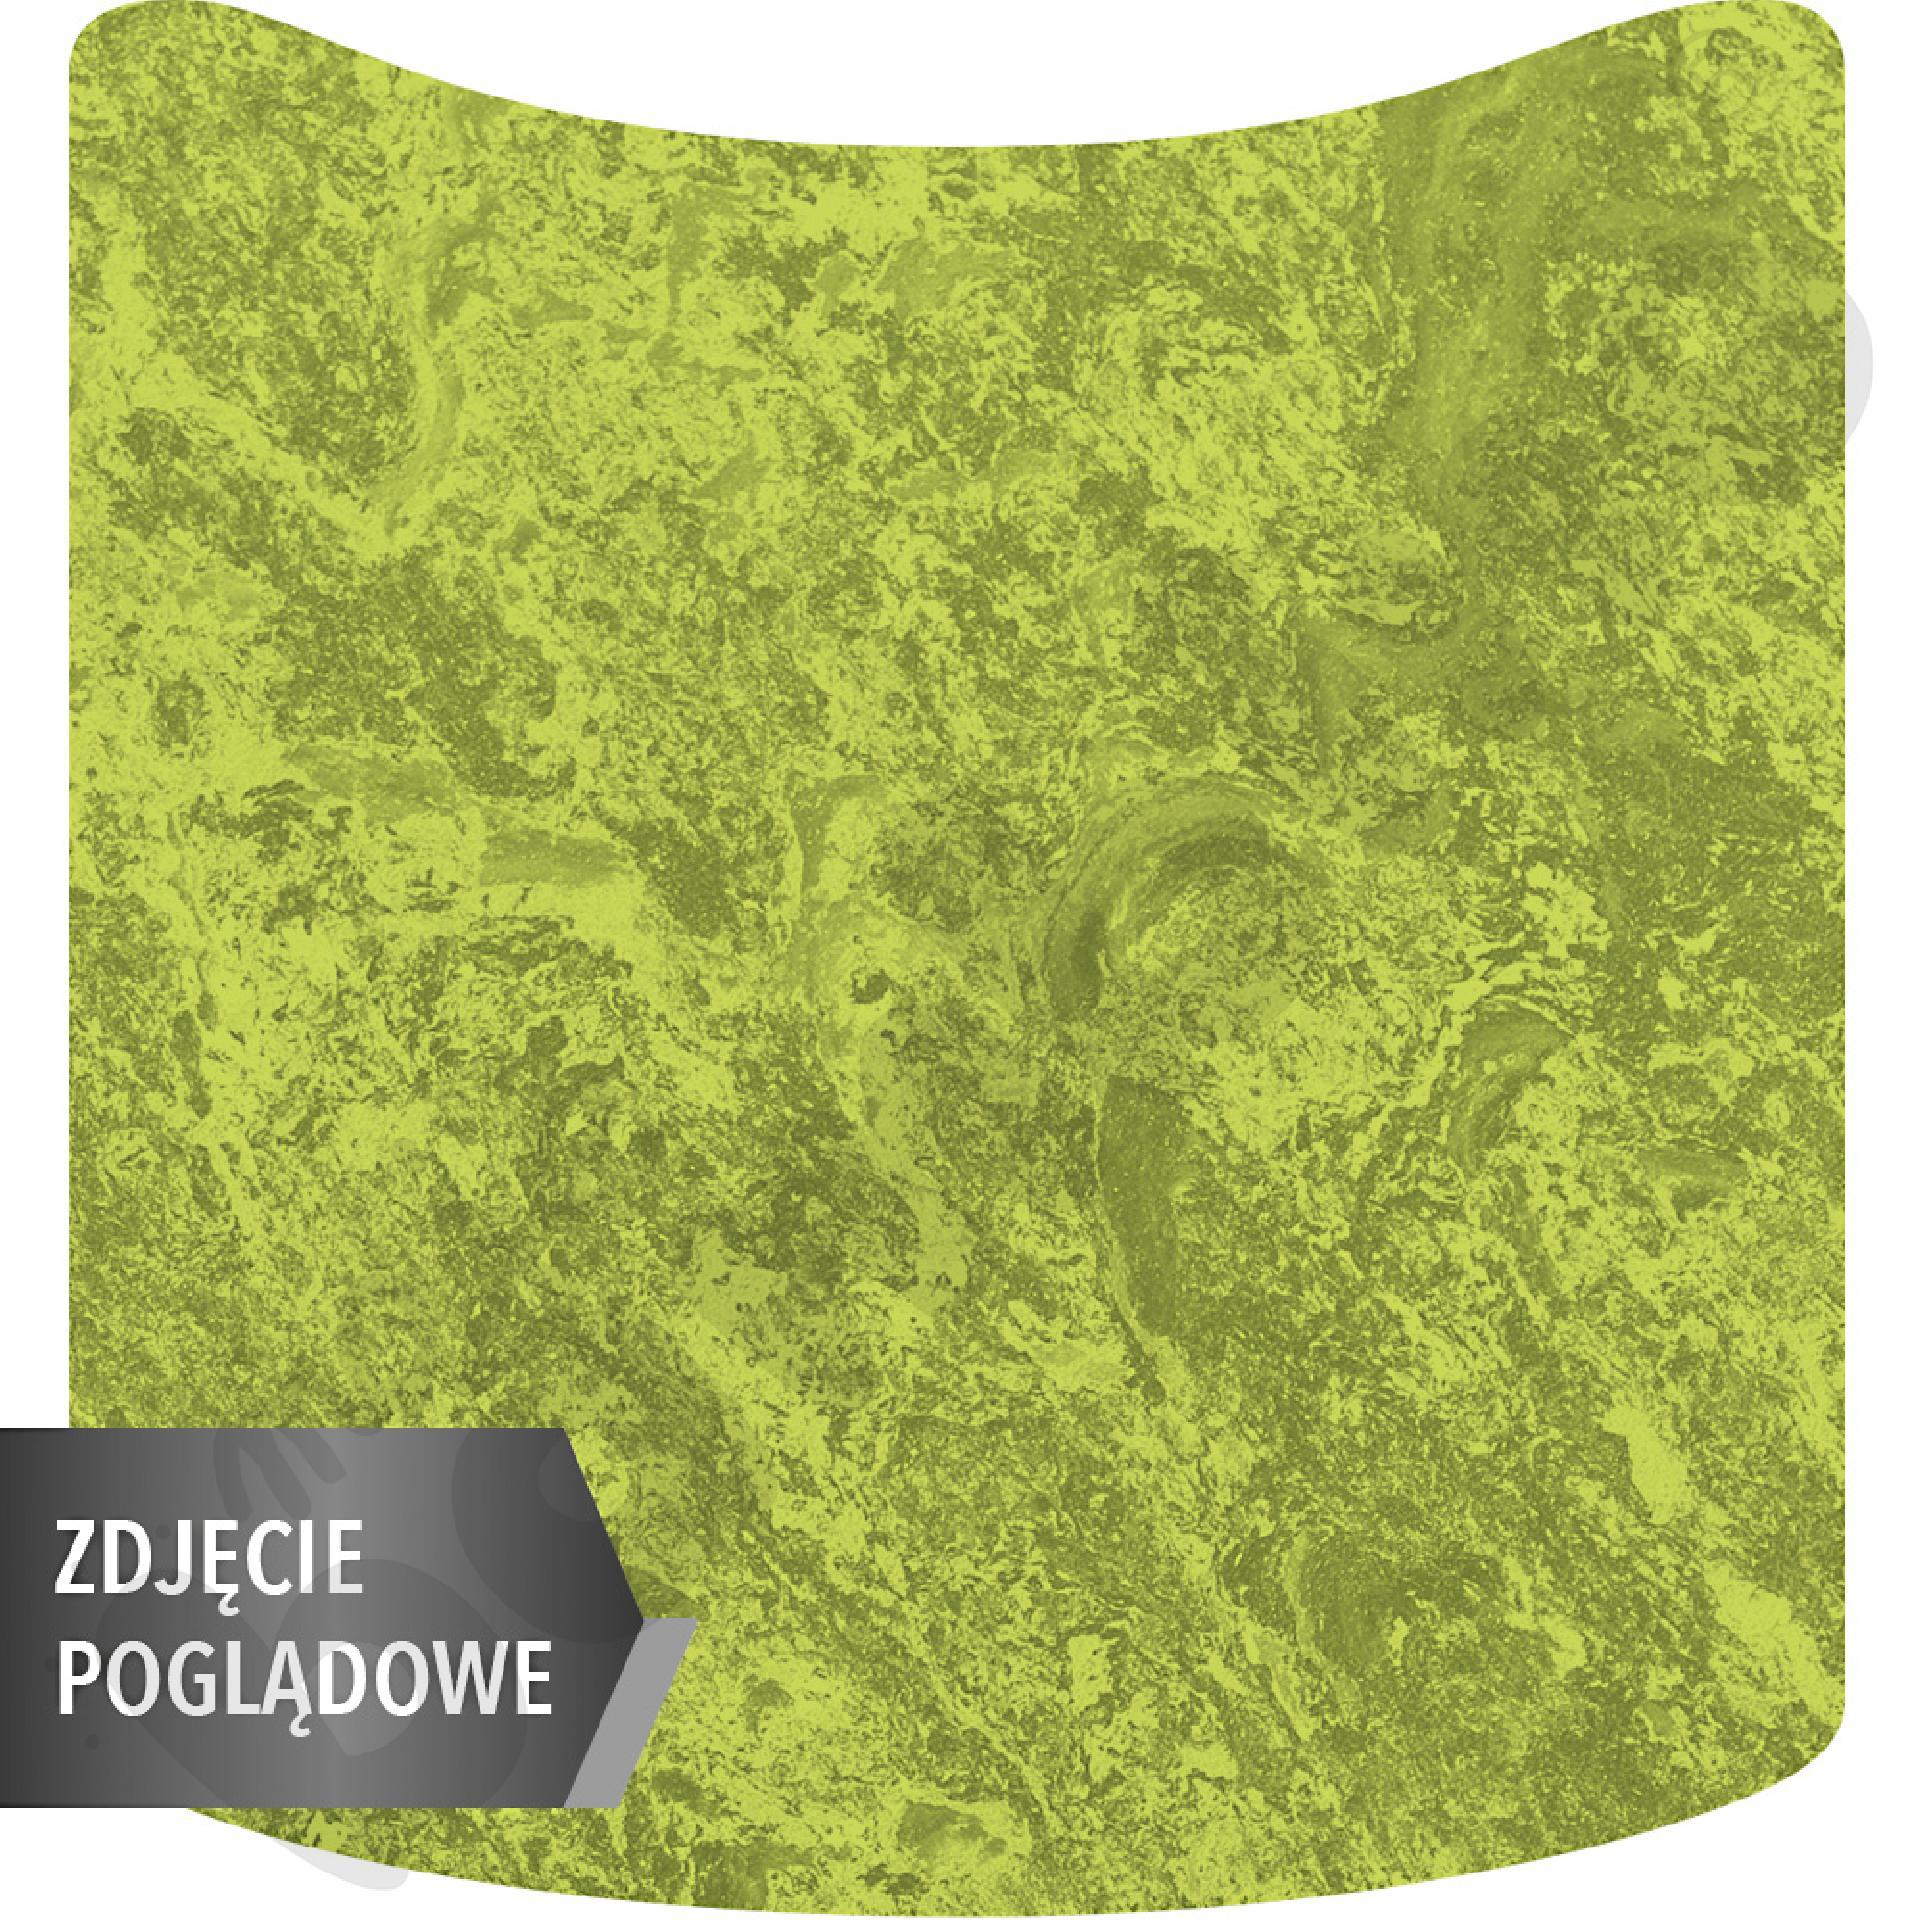 Cichy stół Plus falisty mały, 70 x 72 cm, zaokrąglone narożniki, rozm. 2 - zielony